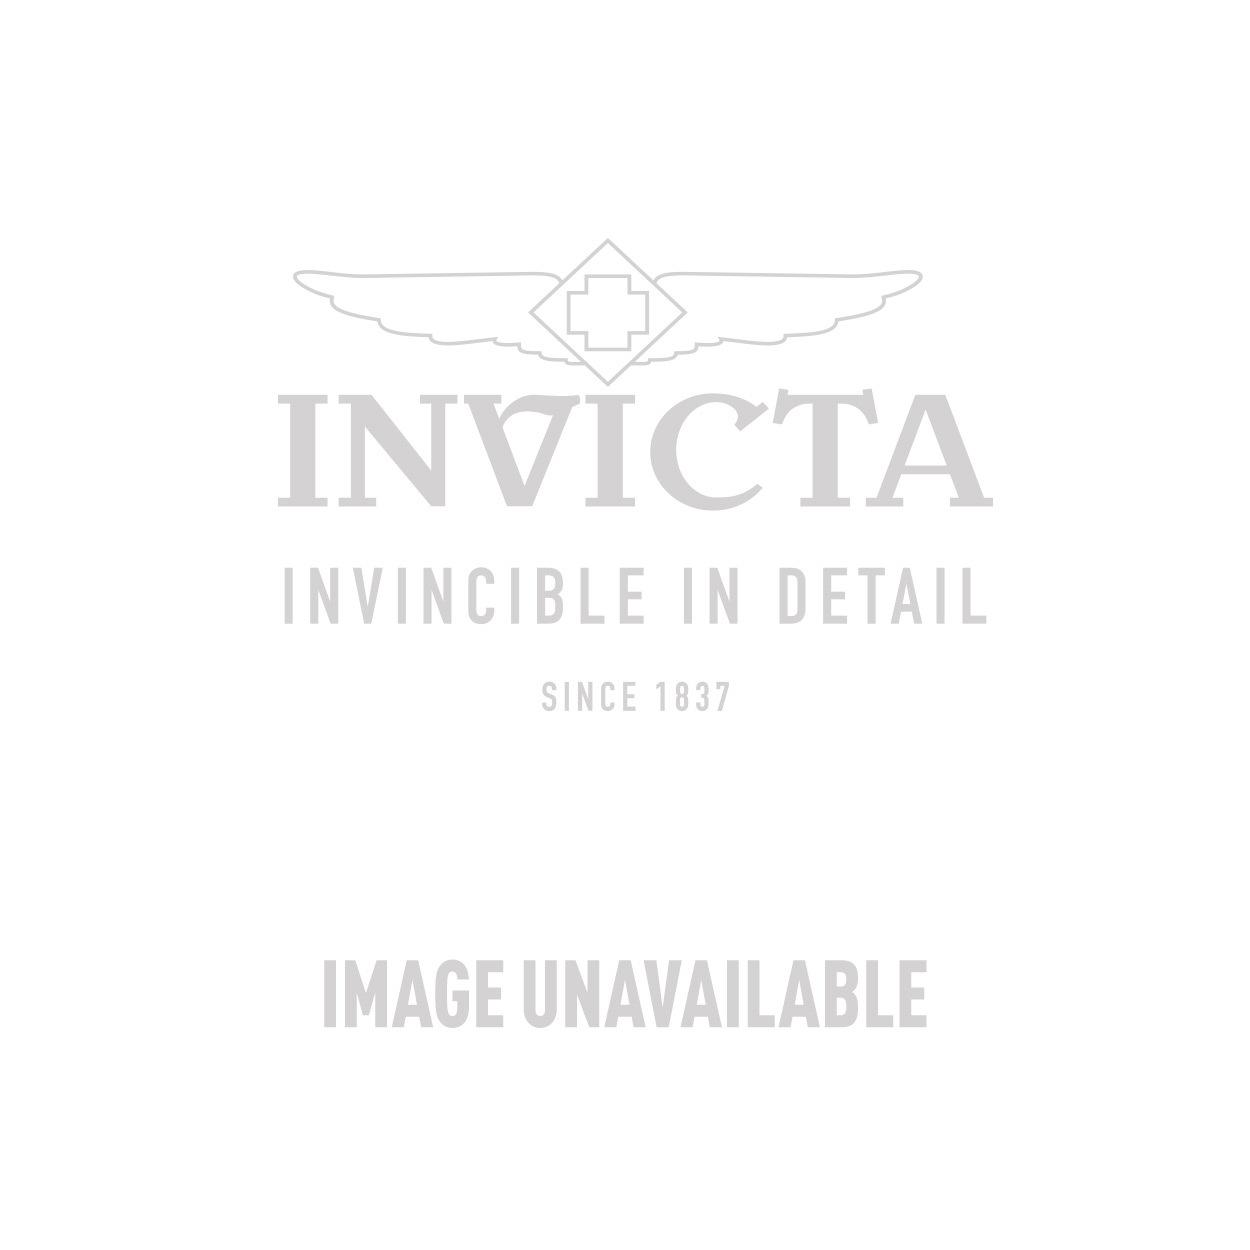 Invicta Model 27878